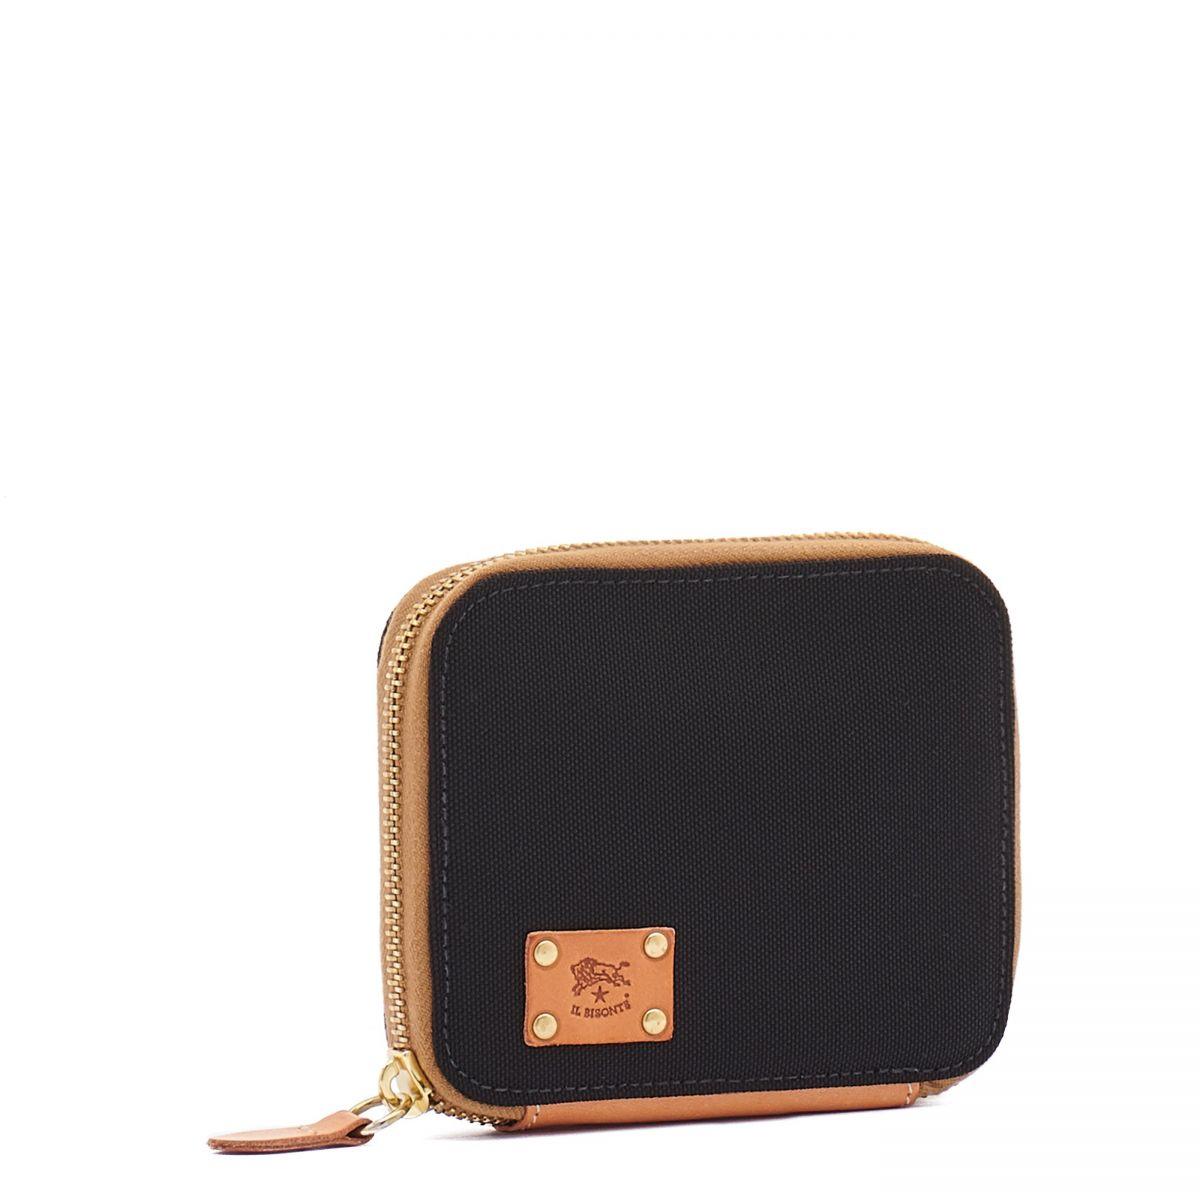 Men's Zip Around Wallet  in Nylon SZW015 color Black/Natural | Details